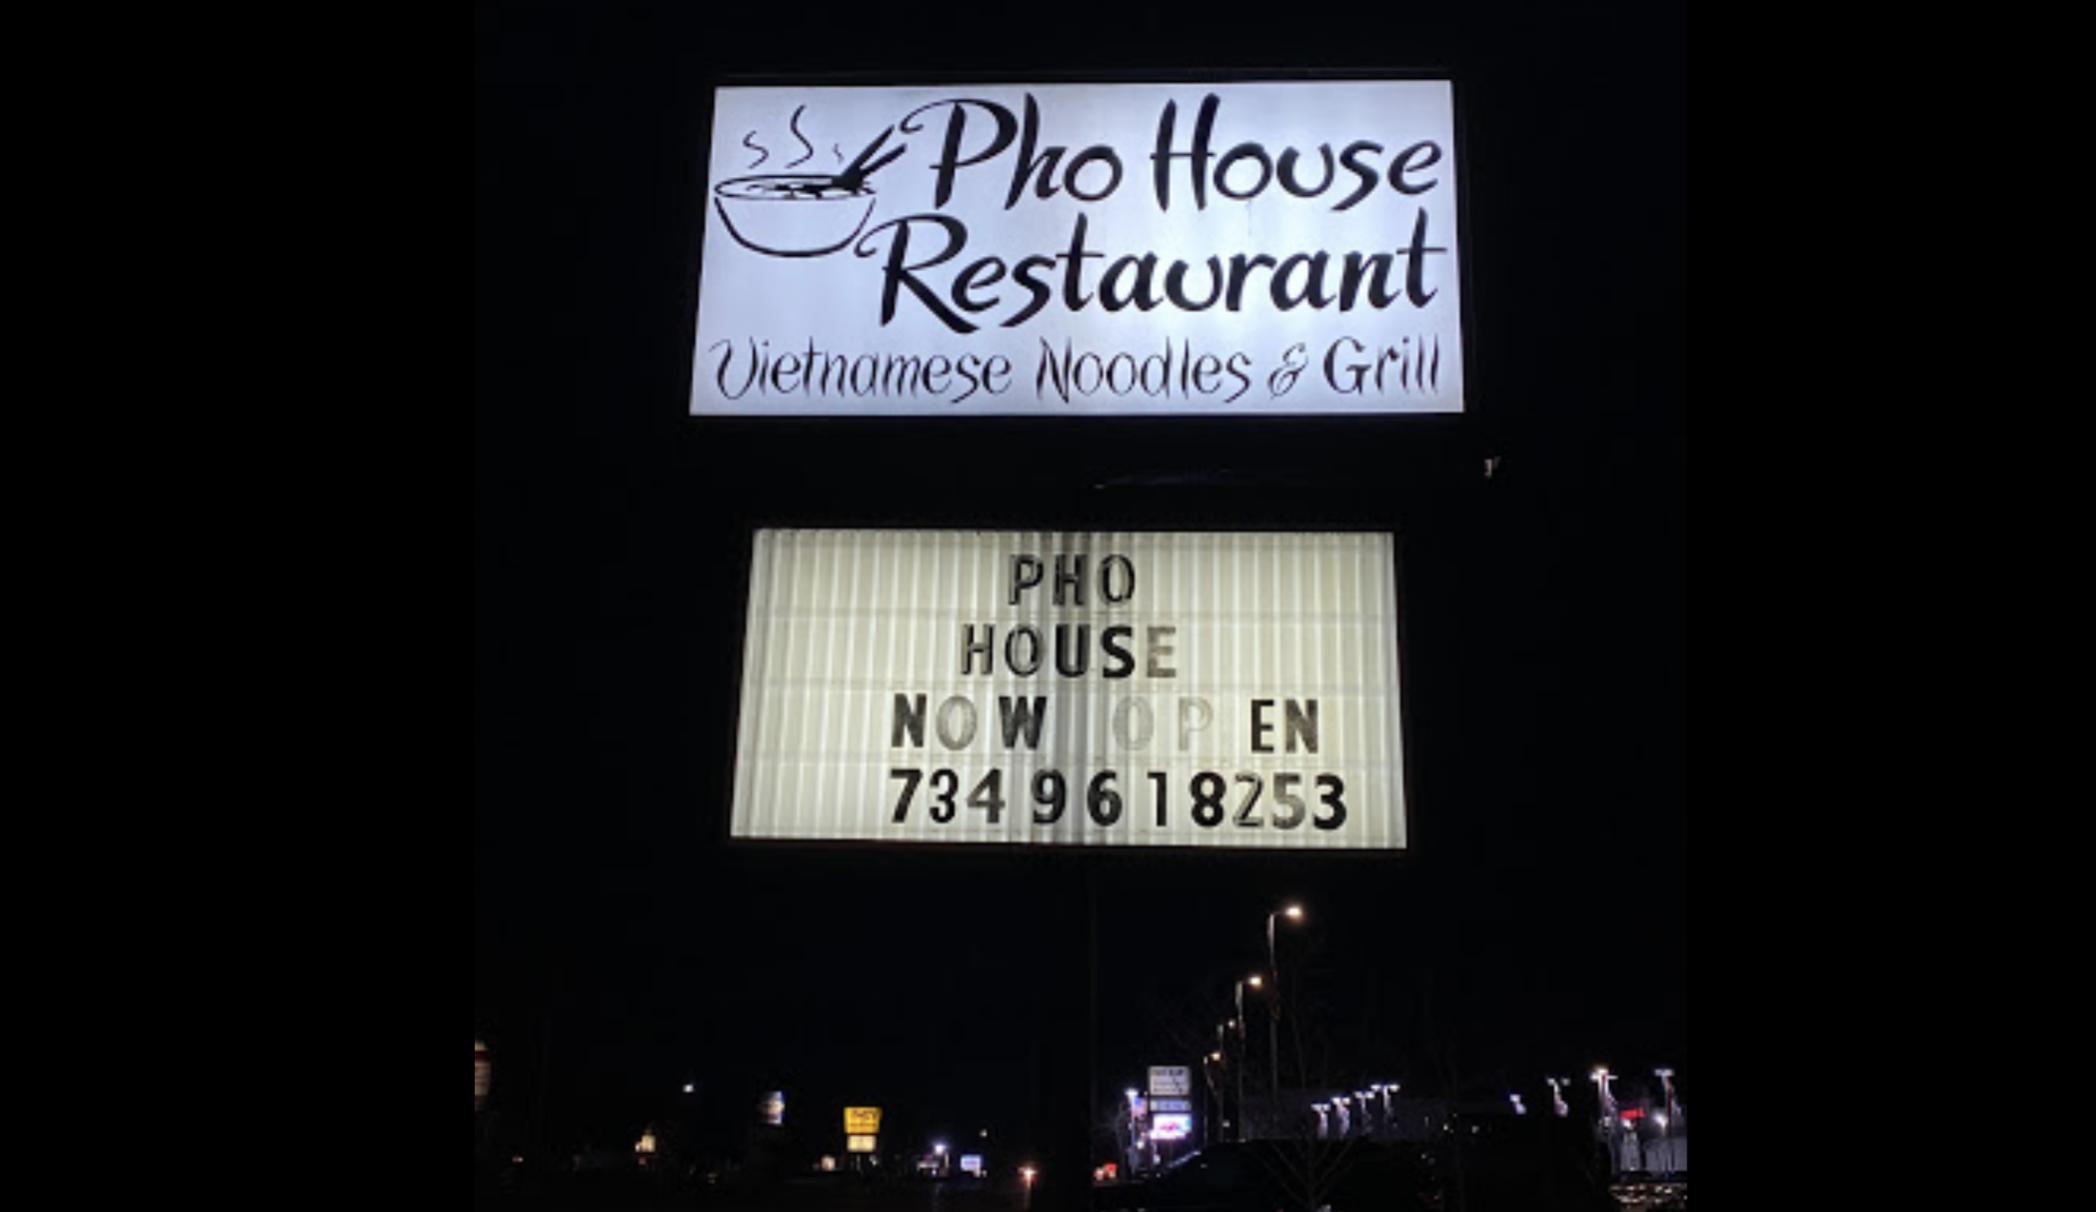 """晚上,马路上的phoo House餐厅的招牌上写着""""现在开门"""",并列出了一个电话号码。"""